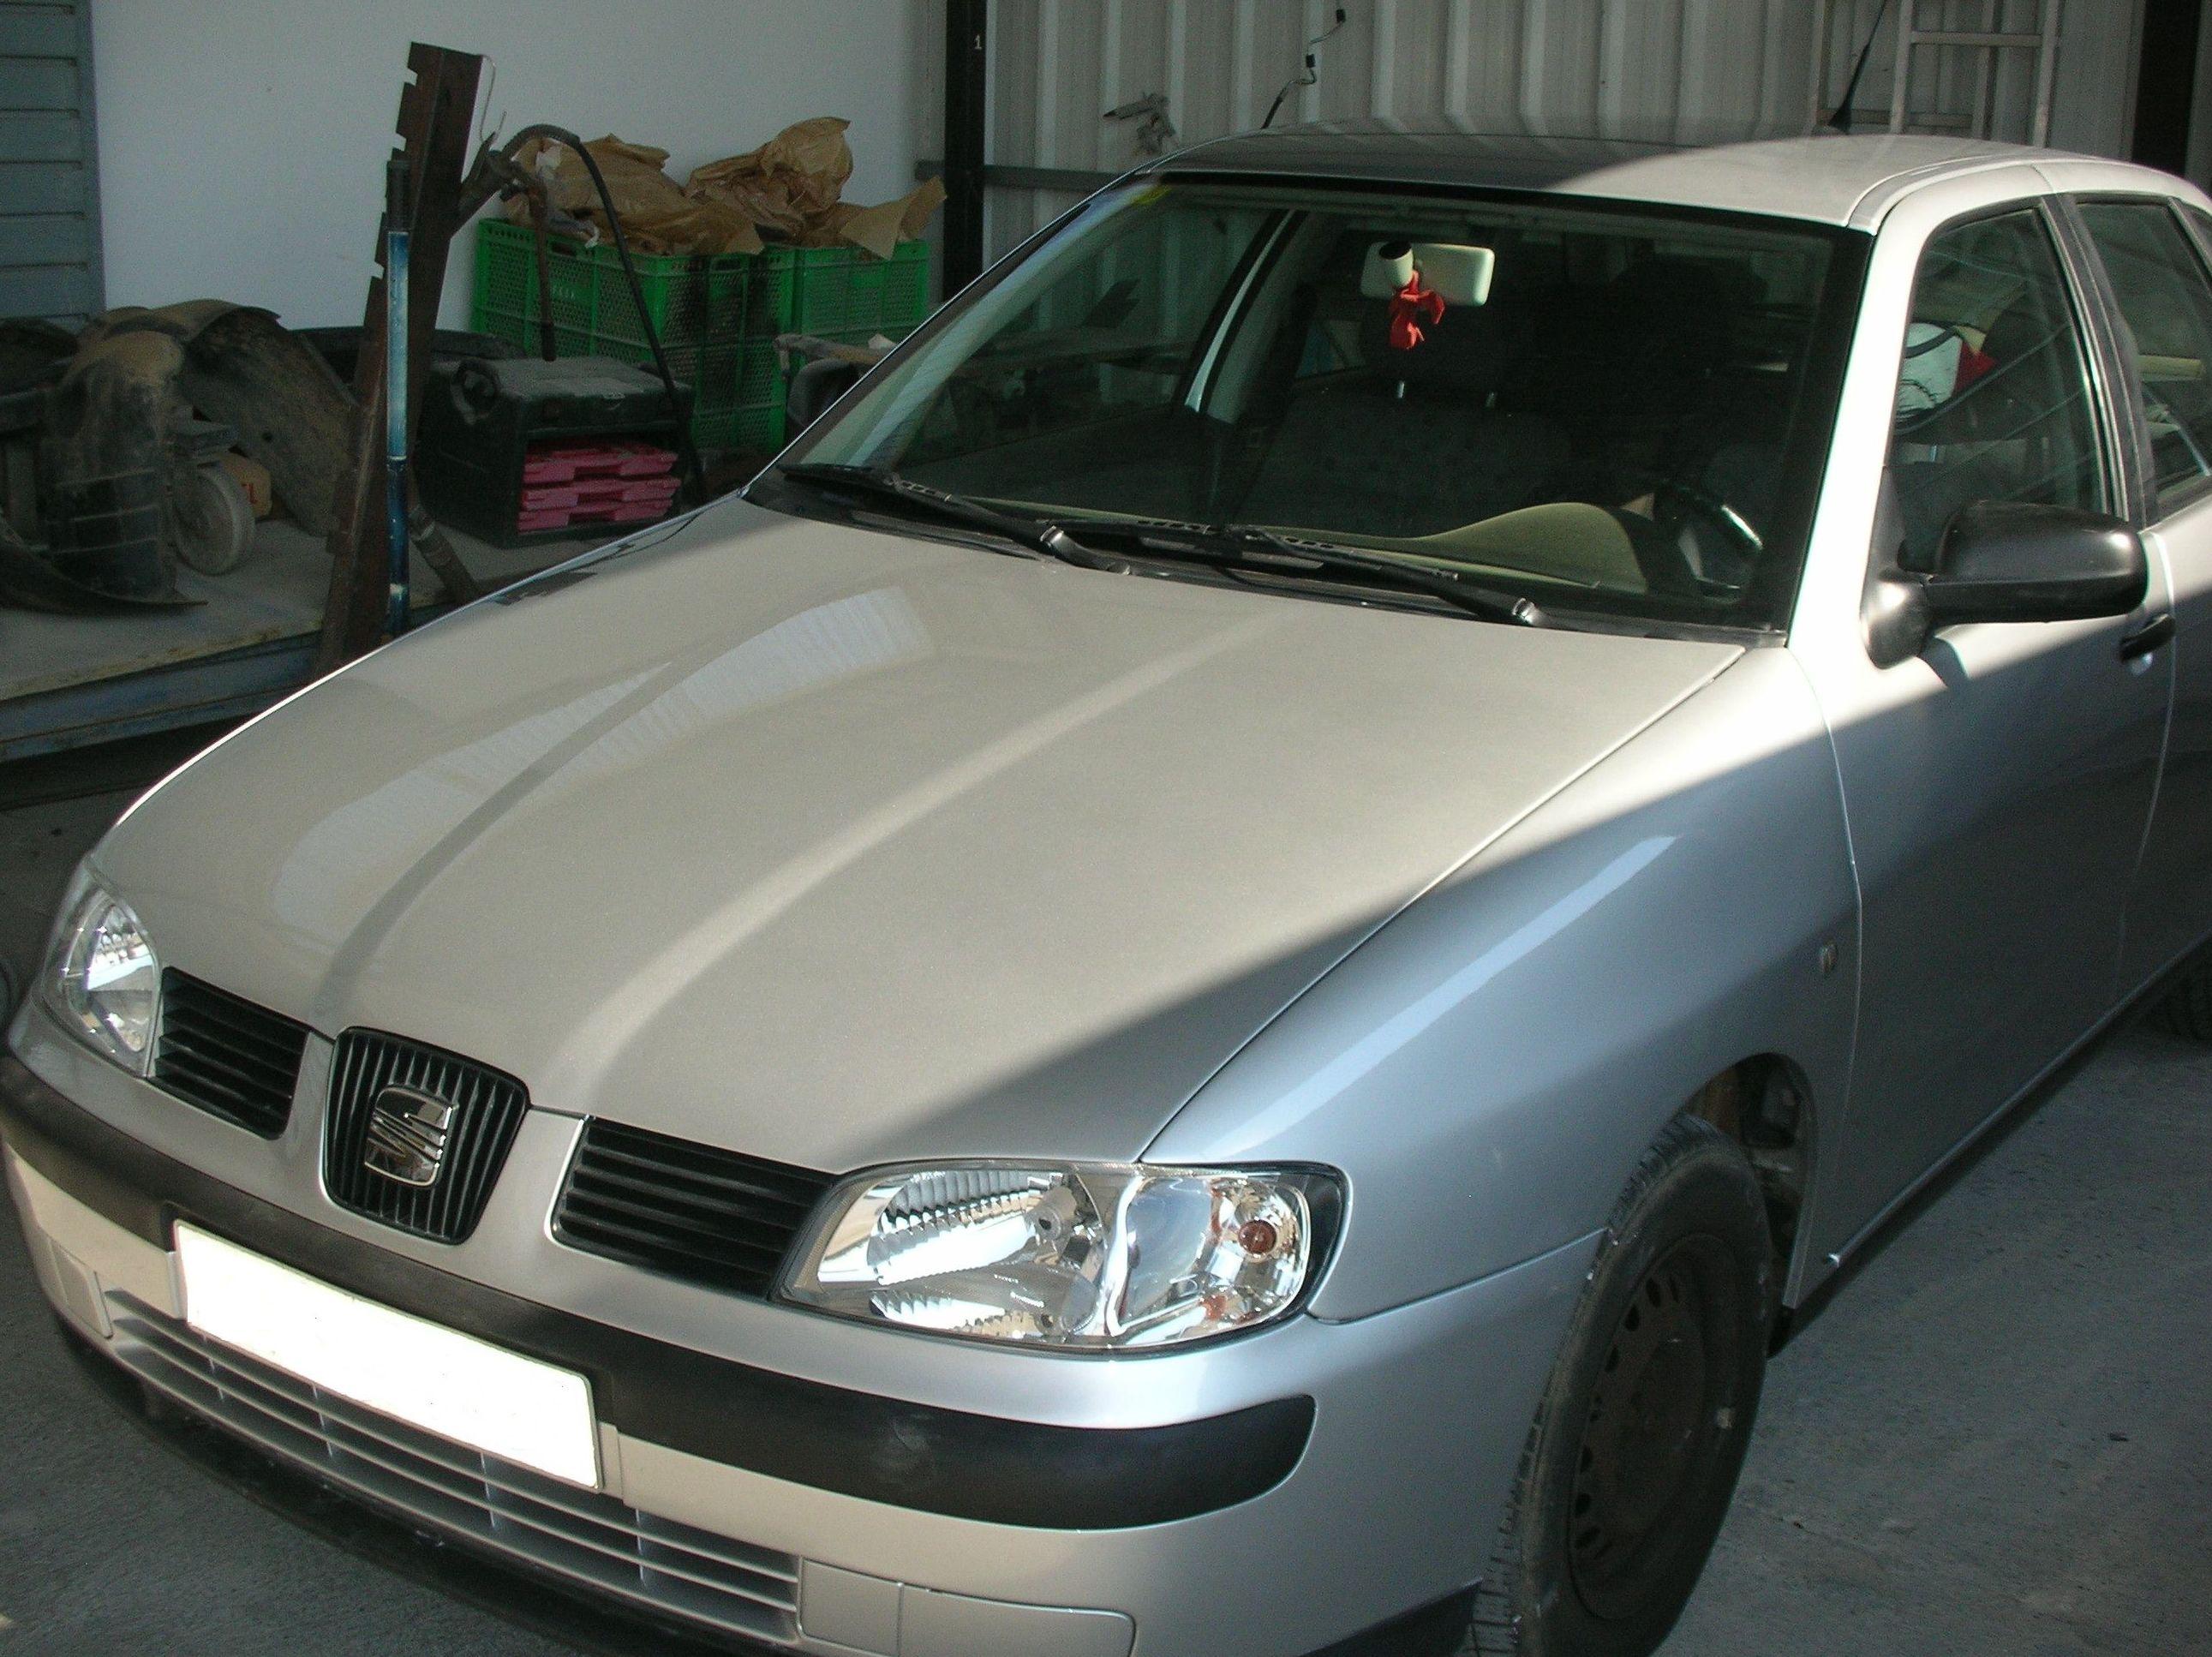 Vehicle després de reparar,